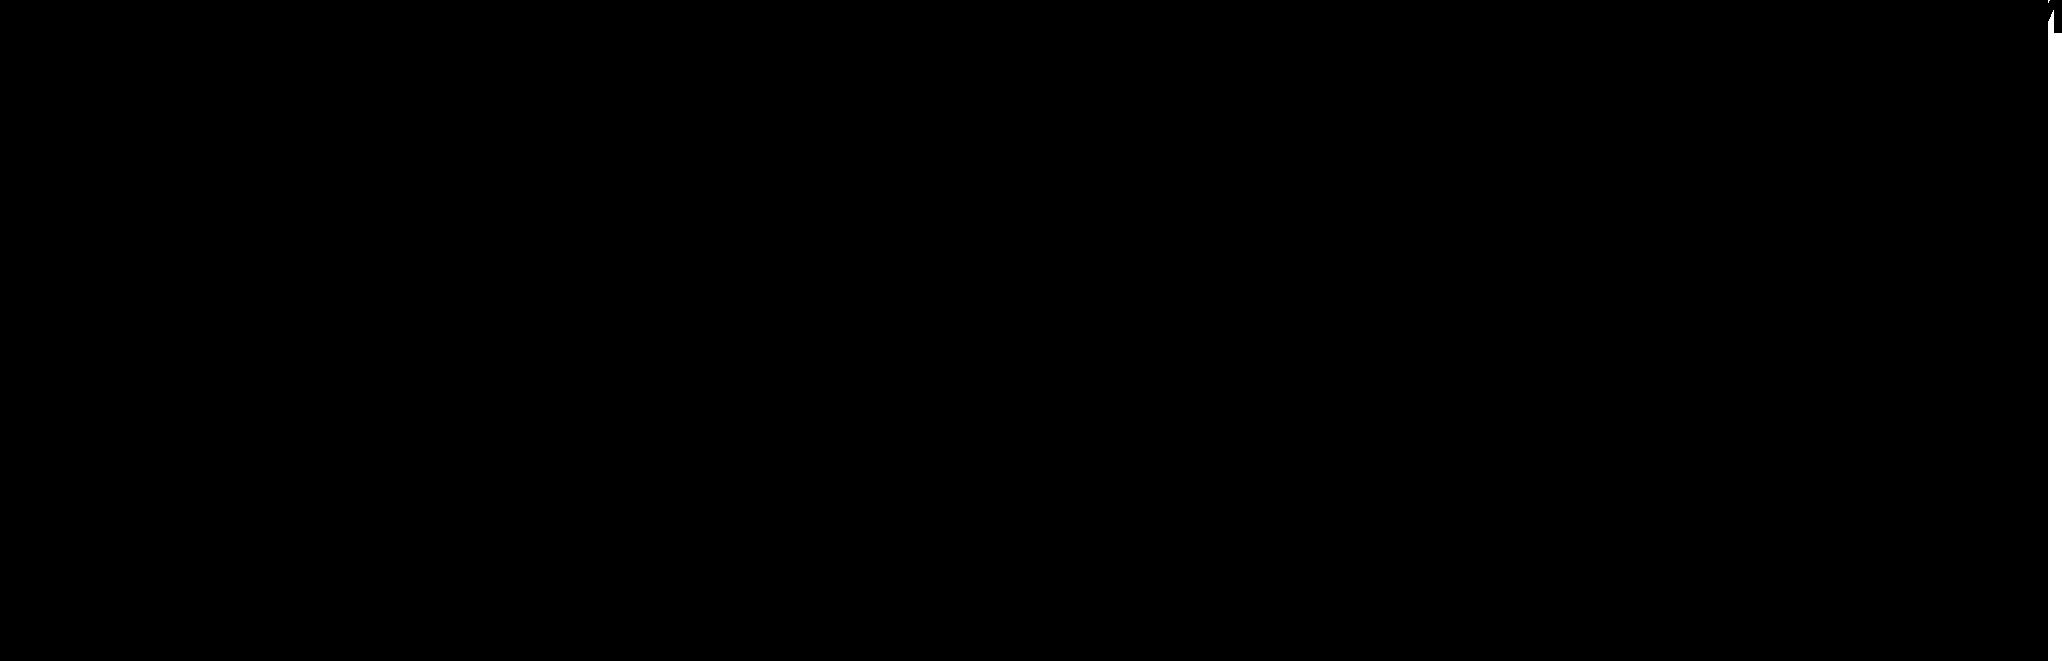 SANTA-CRUZ-TITLE-black.png